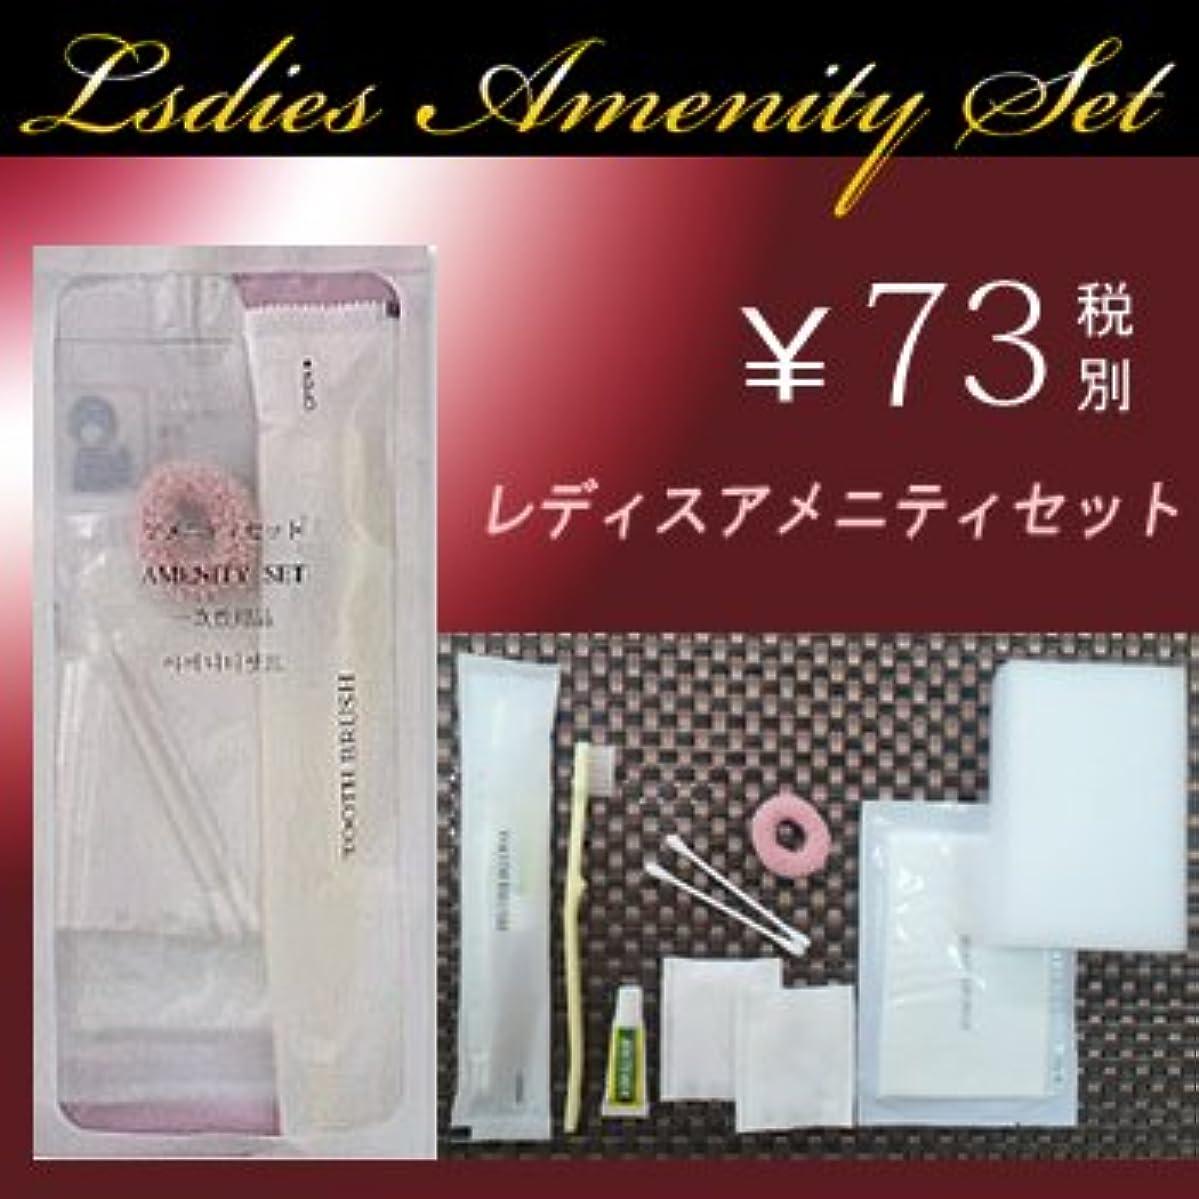 物理的な精査する高原レディスアメニティフルセット袋入(1セット300個入)